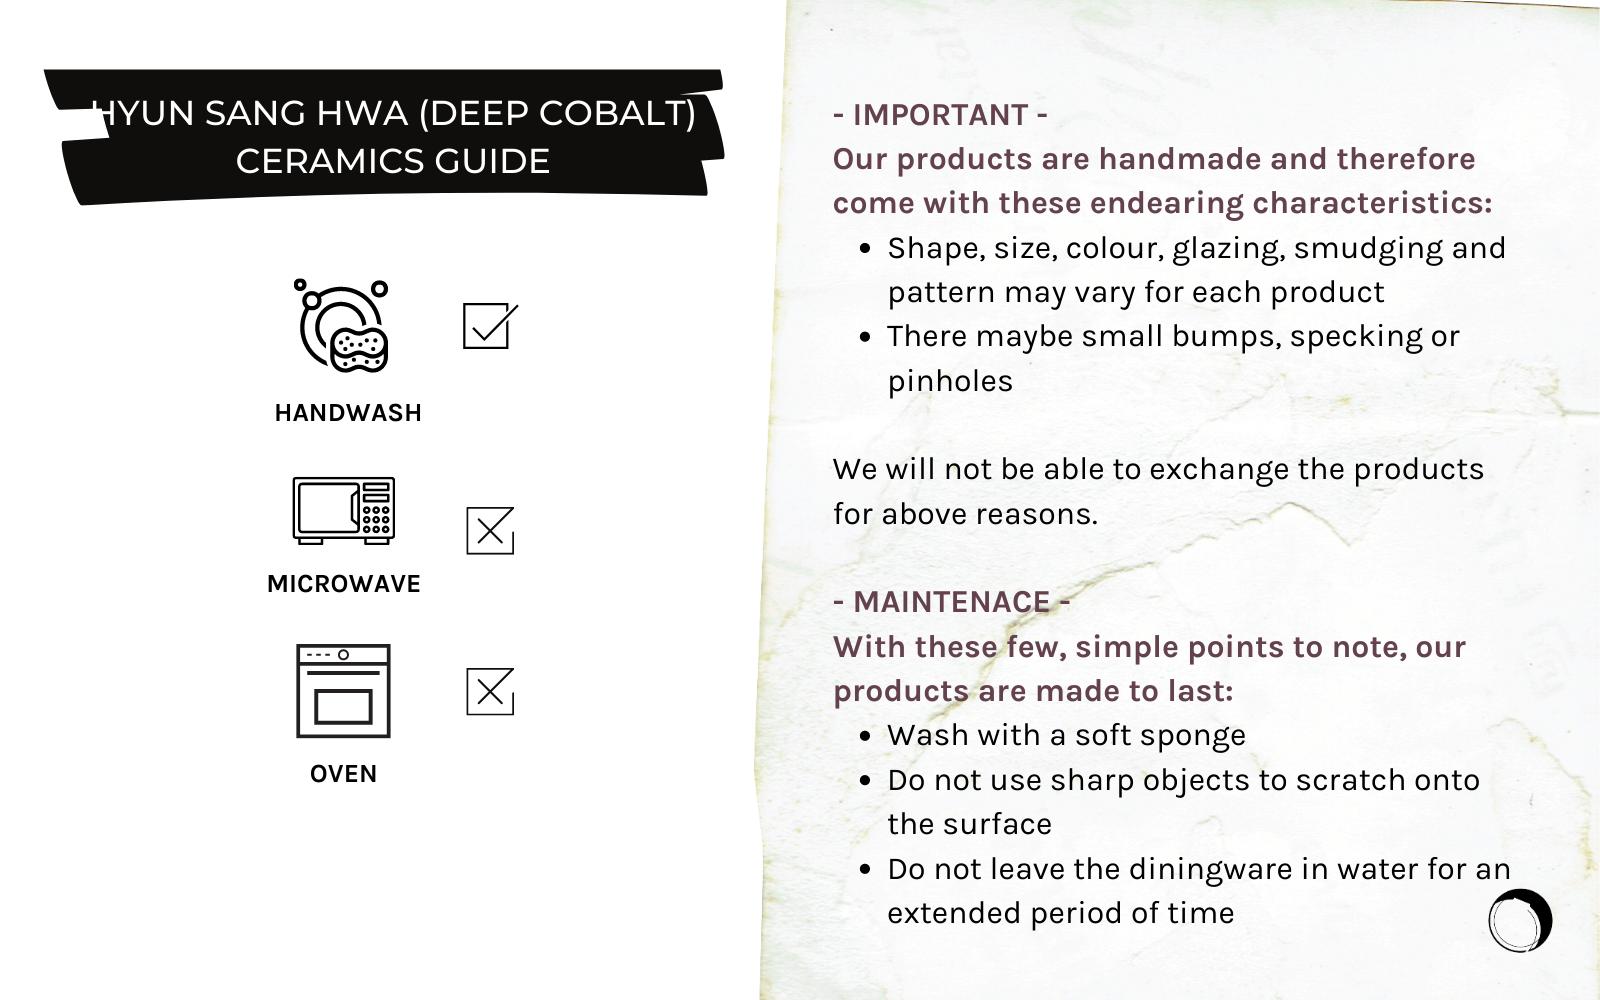 Hyun Sang Hwa Ceramics Product Guide